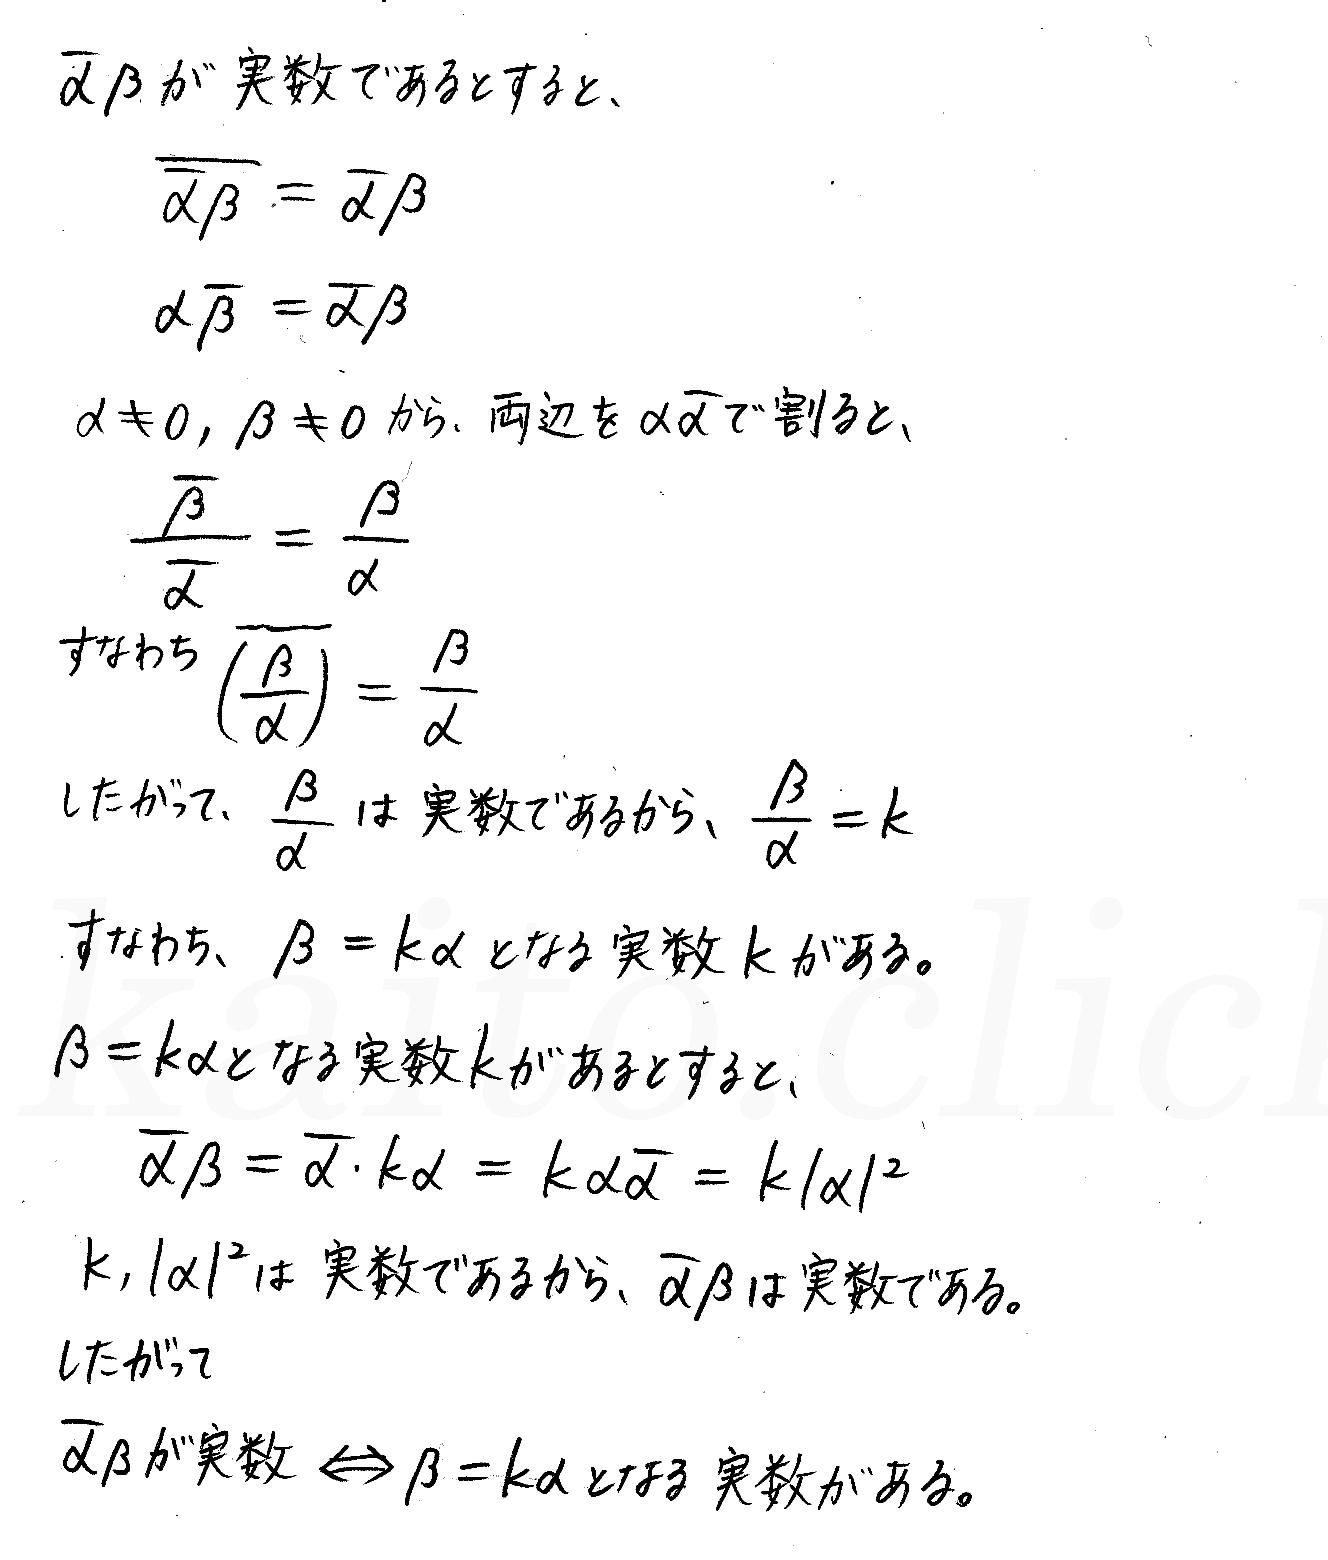 クリアー数学3-12解答